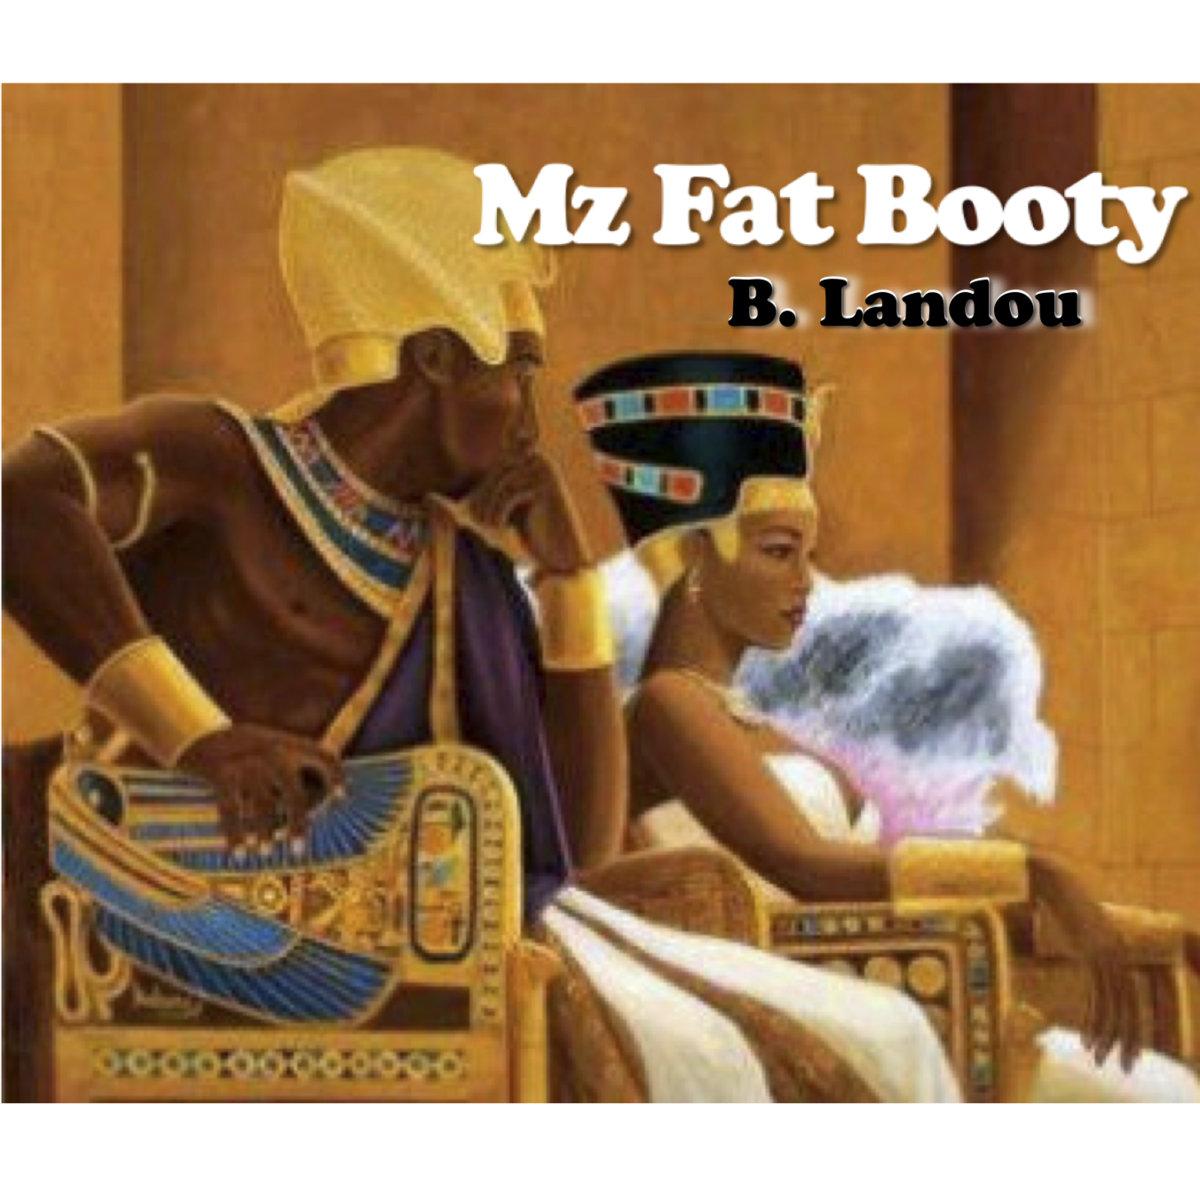 Mz. Booty